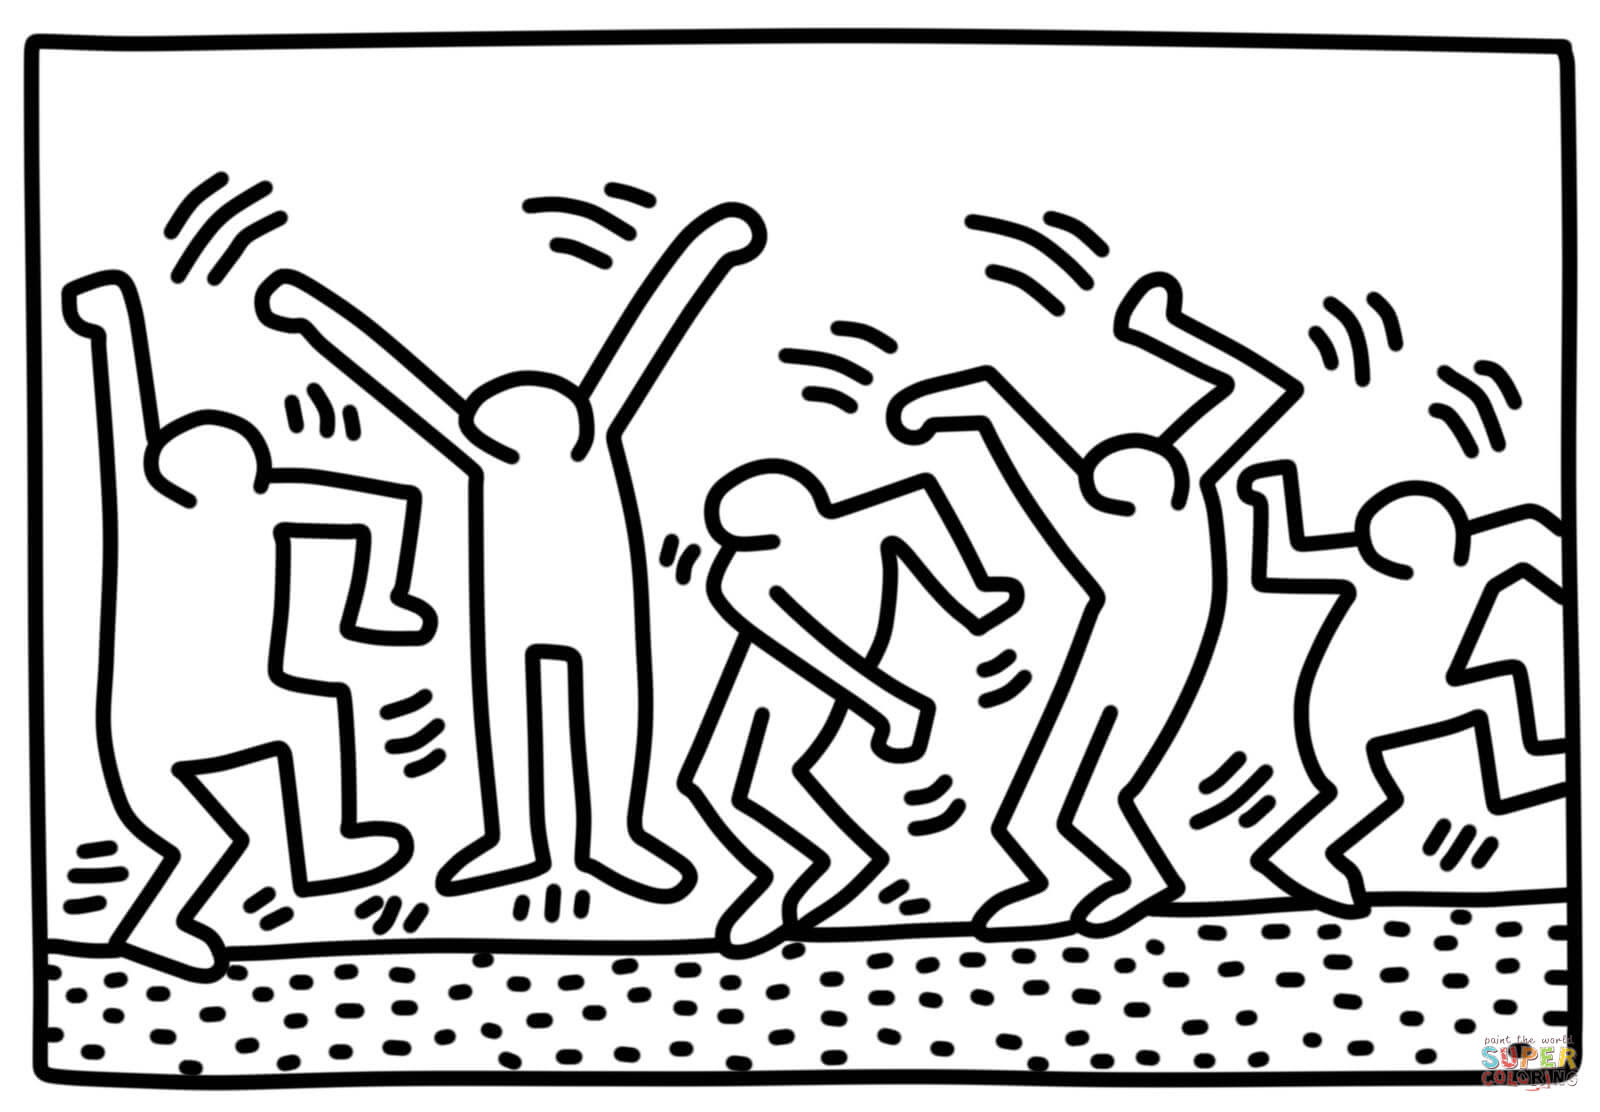 Inspirierend Keith Haring Ausmalbilder Ausdrucken